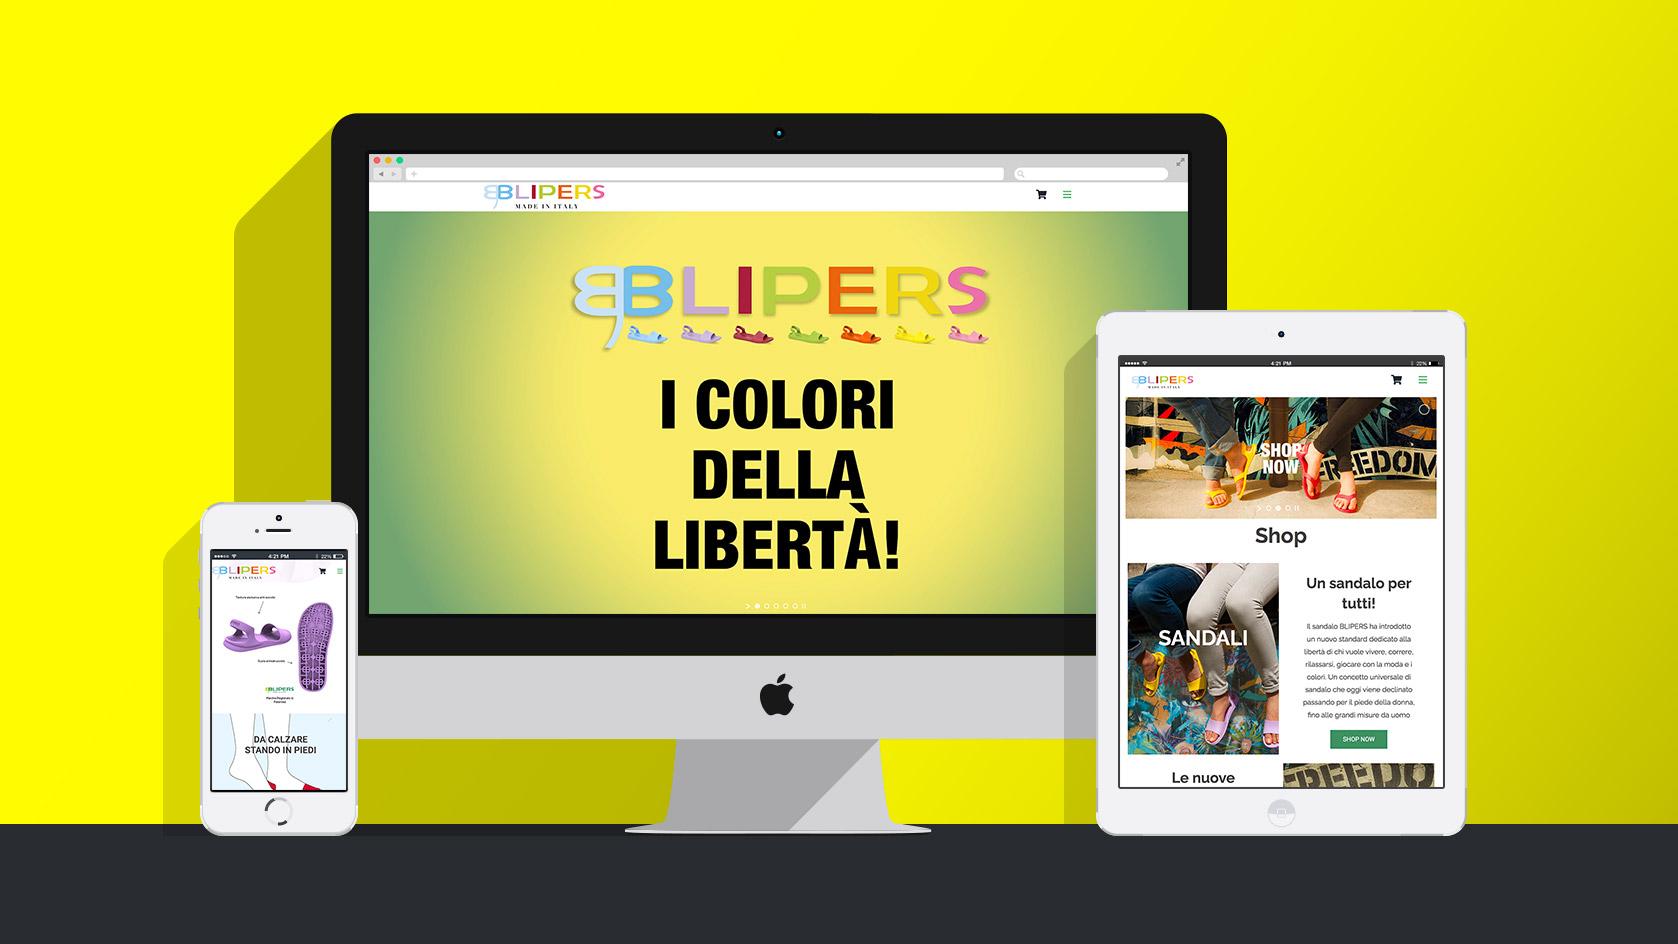 Badini Creative Studio - web - Blipers sito